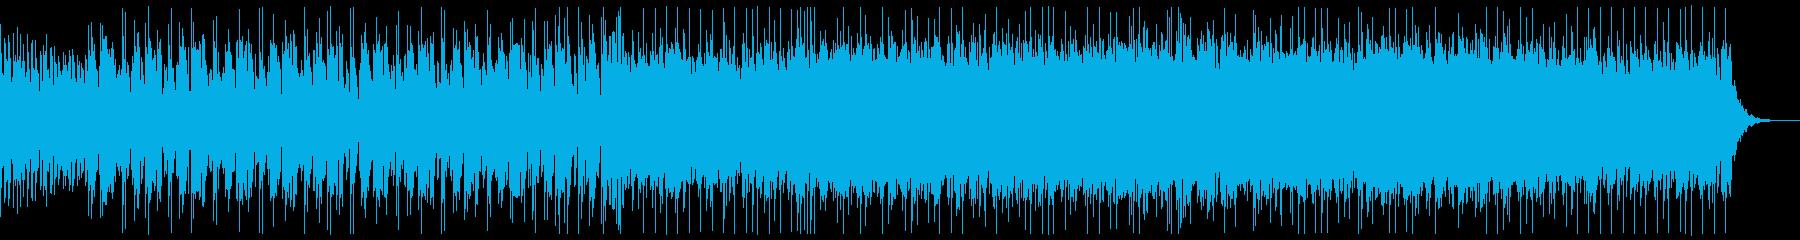 エレクトリックなBGMの再生済みの波形